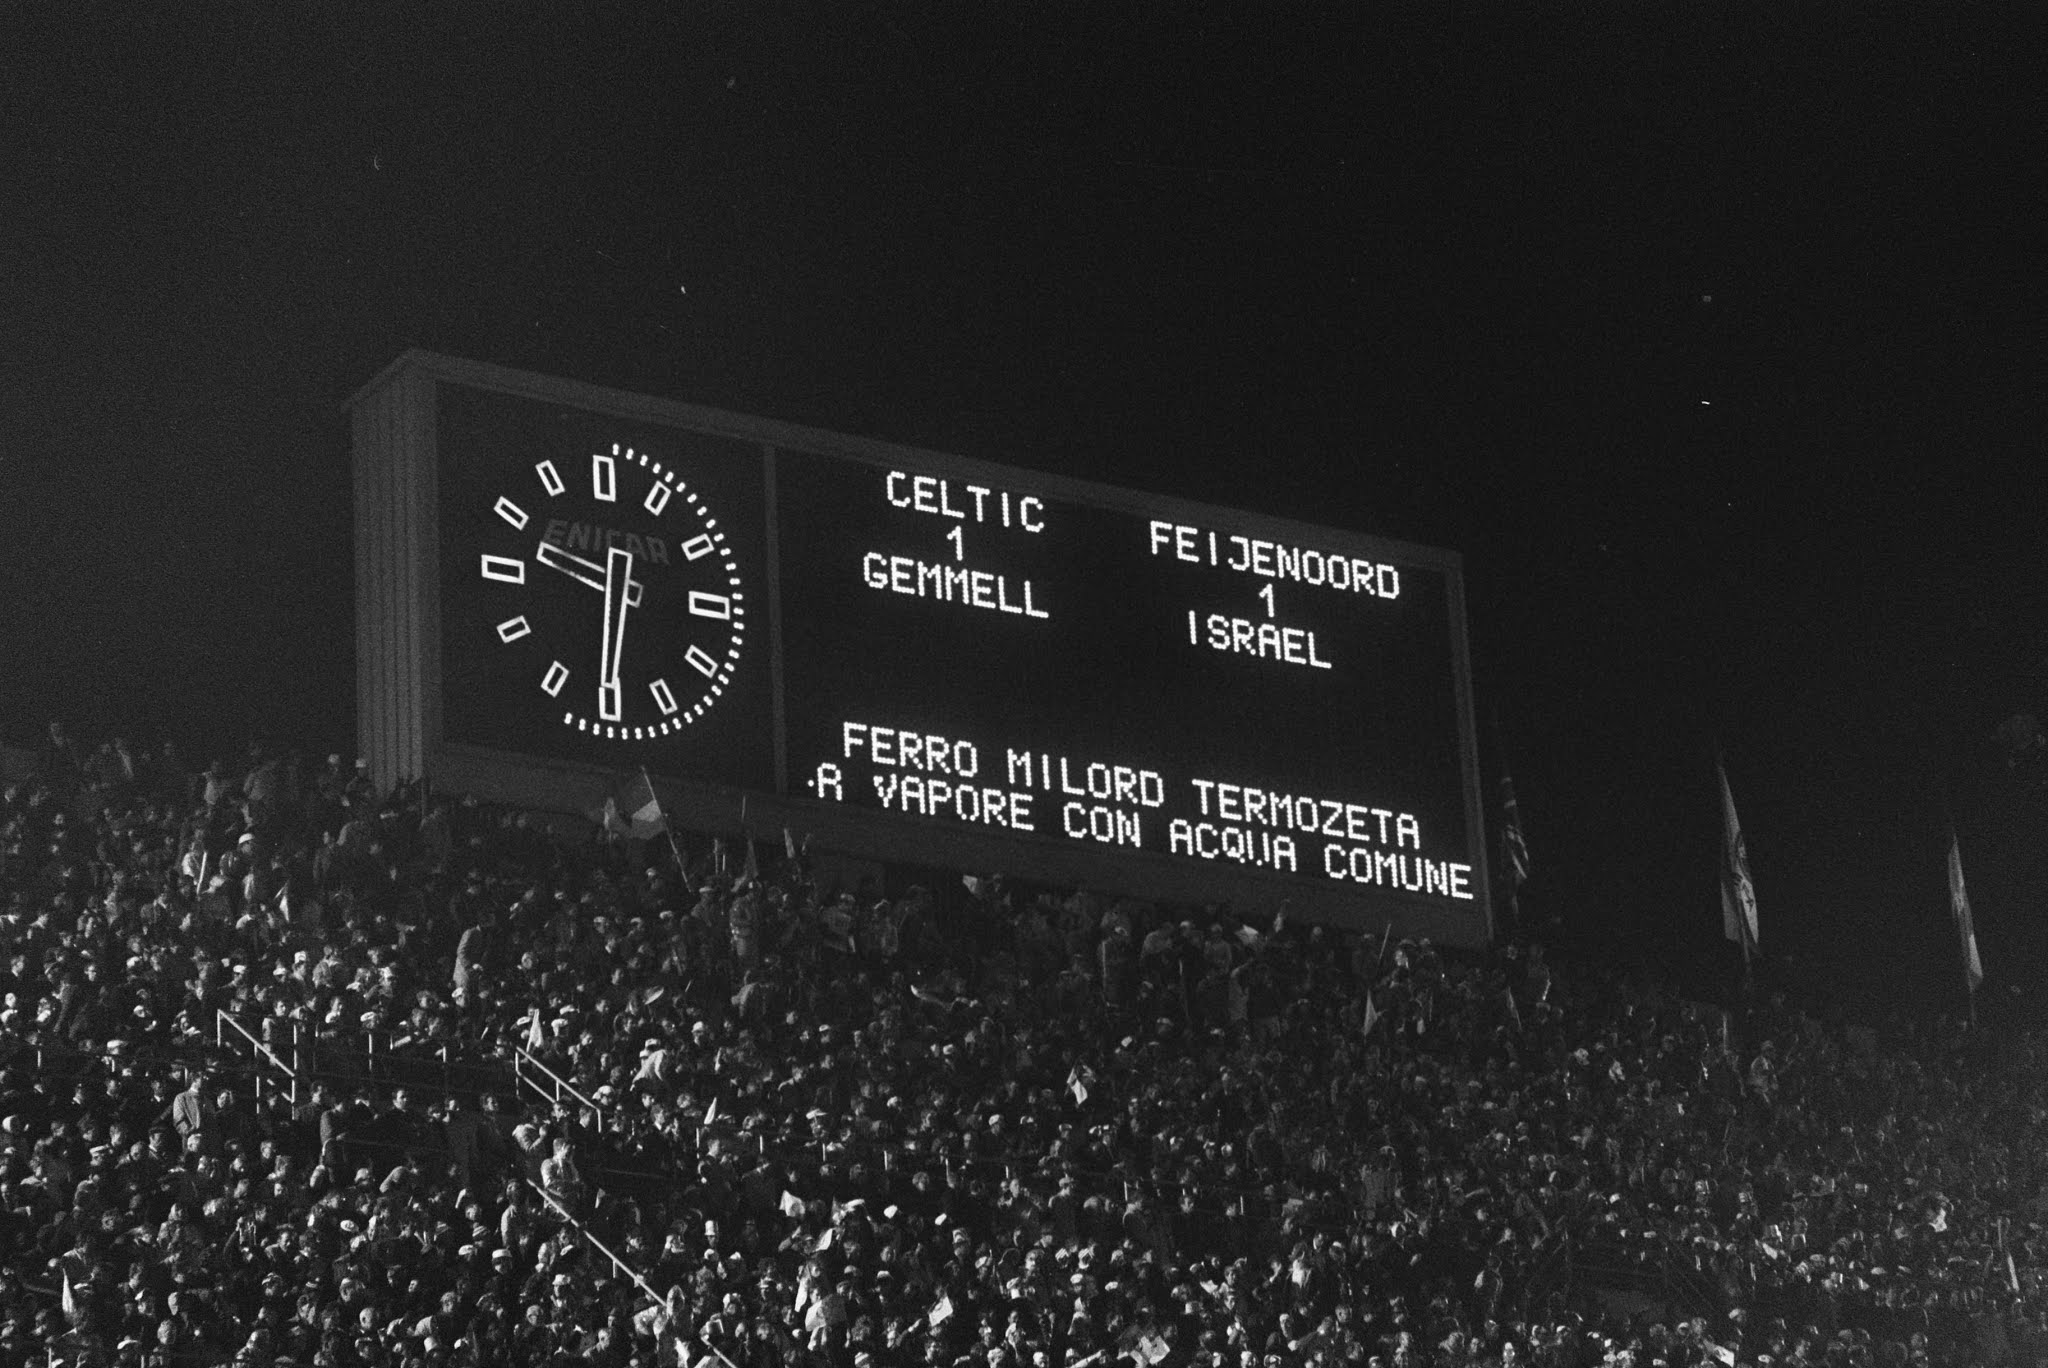 Tussenstand Europacupfinale Celtic - Feyenoord